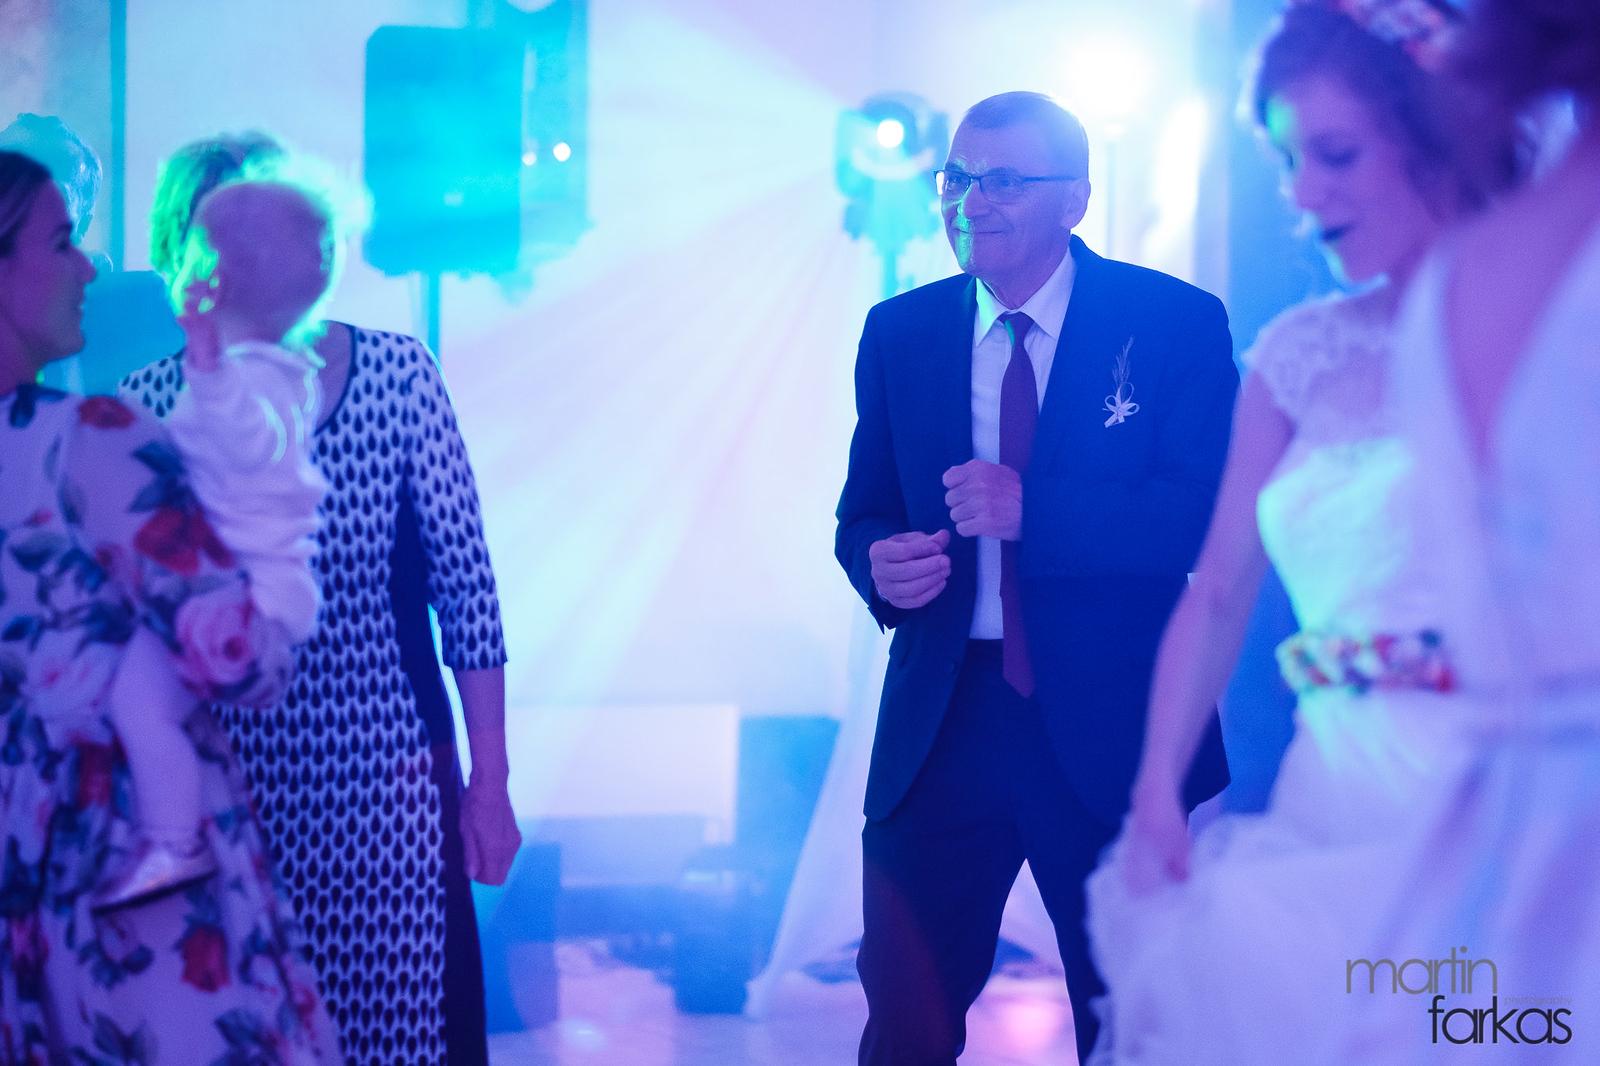 Svadba Smolenice, Zámok 03 #svadobnyDJ, #djanasvadbu, #svadba, #svadbasmolenice, #zamoksmolenice